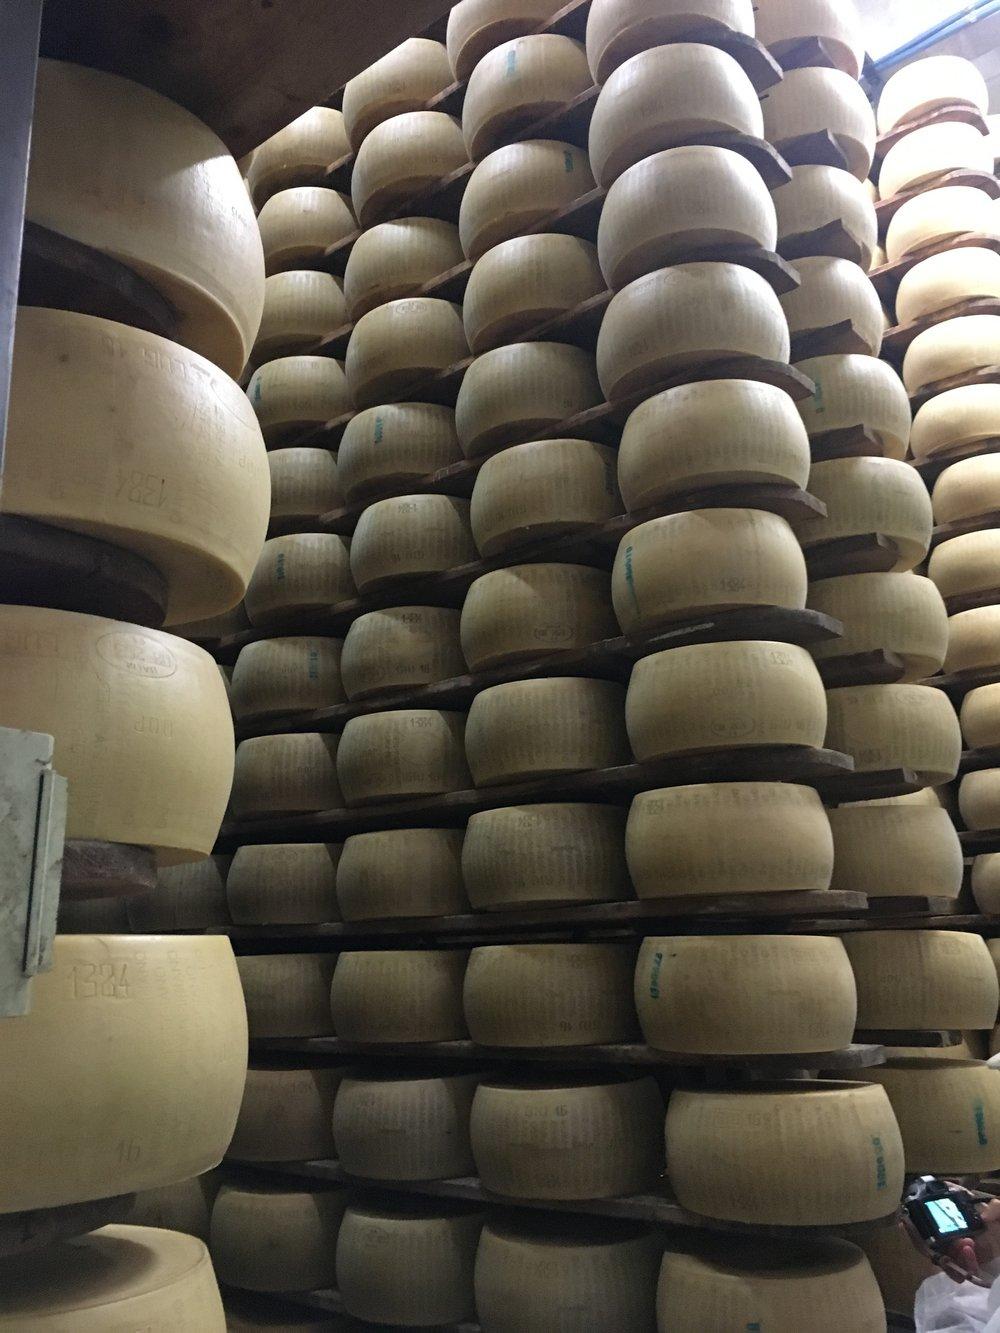 """Aqui, os queijos passarão pelo tempo mínimo de maturação, que é de 12 meses. Um máquina enorme passeia por estes corredores de tempos em tempos, virando cada roda de queijo ao contrário da posição original, tomando o cuidado de enxugar e limpar o excesso de umidade que transpira do queijo. Somente após este período é que os testes dirão se aquele queijo está bom para ser vendido como  Parmigiano Reggiano , ou se será vendido como parmesão comum, ralado ou vendido em pedaços. Caso não passe no teste, a casca do queijo é raspada, para que todas as informações de identificação de controle sejam removidas. Se o queijo for aprovado na inspeção, recebe o último selo - marcado a ferro quente - identificando que aquele queijo é de fato um dos que podem ser considerados """"o Rei de todos os queijos"""". Este processo é o que garante a Denominação de Origem do queijo. Abaixo um vídeo onde mostram como é o teste para saber se o queijo recebe o selo ou se terá as identificações raspadas e vendido de maneira diferente."""